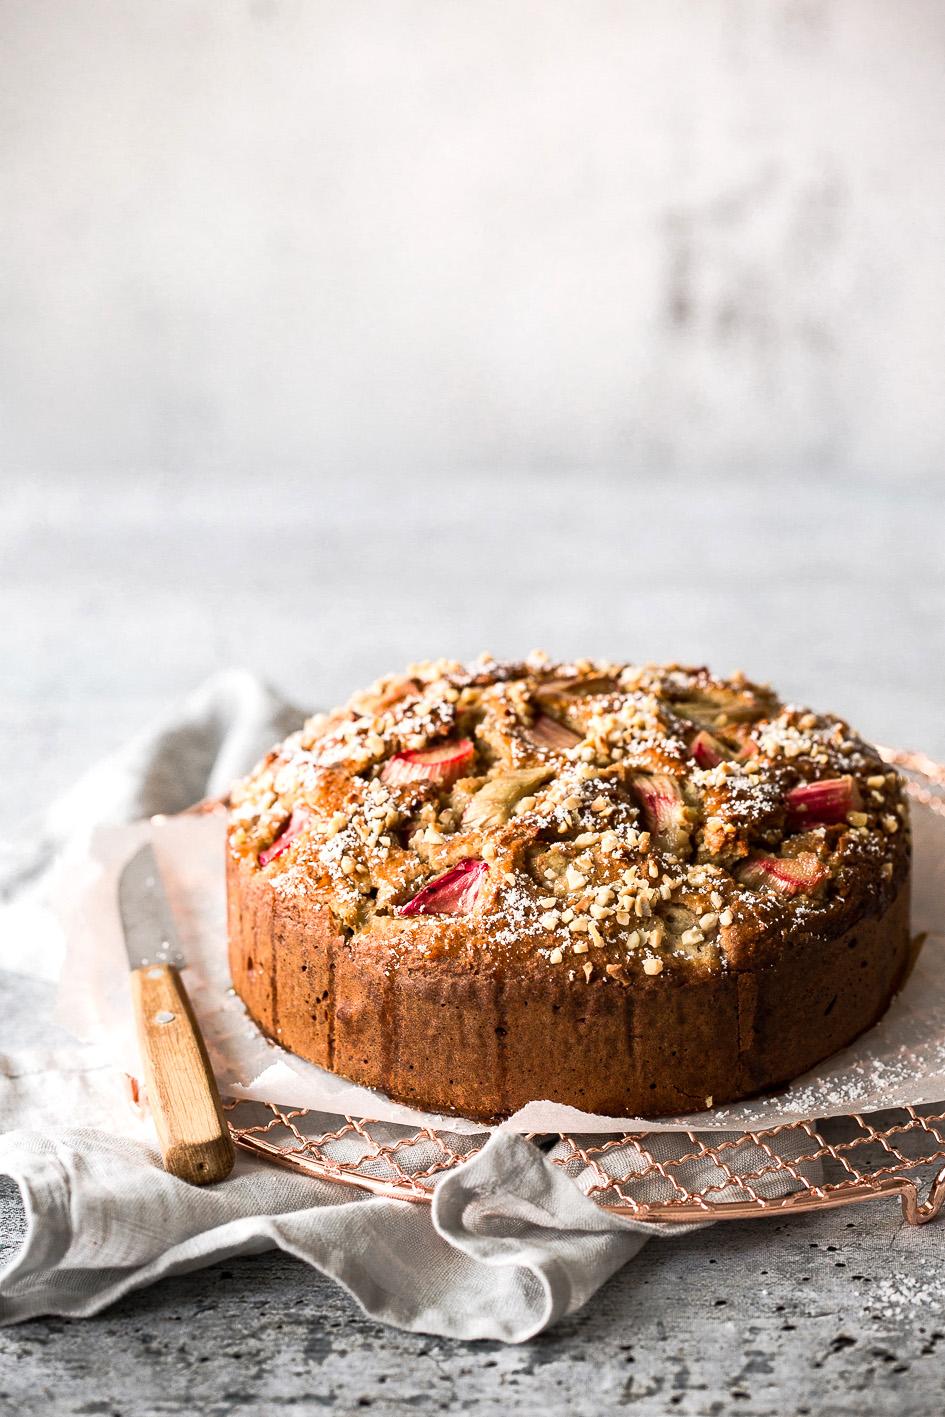 Rhabarber-Kuchen aus gesunden Zutaten (glutenfrei, zuckerarm)